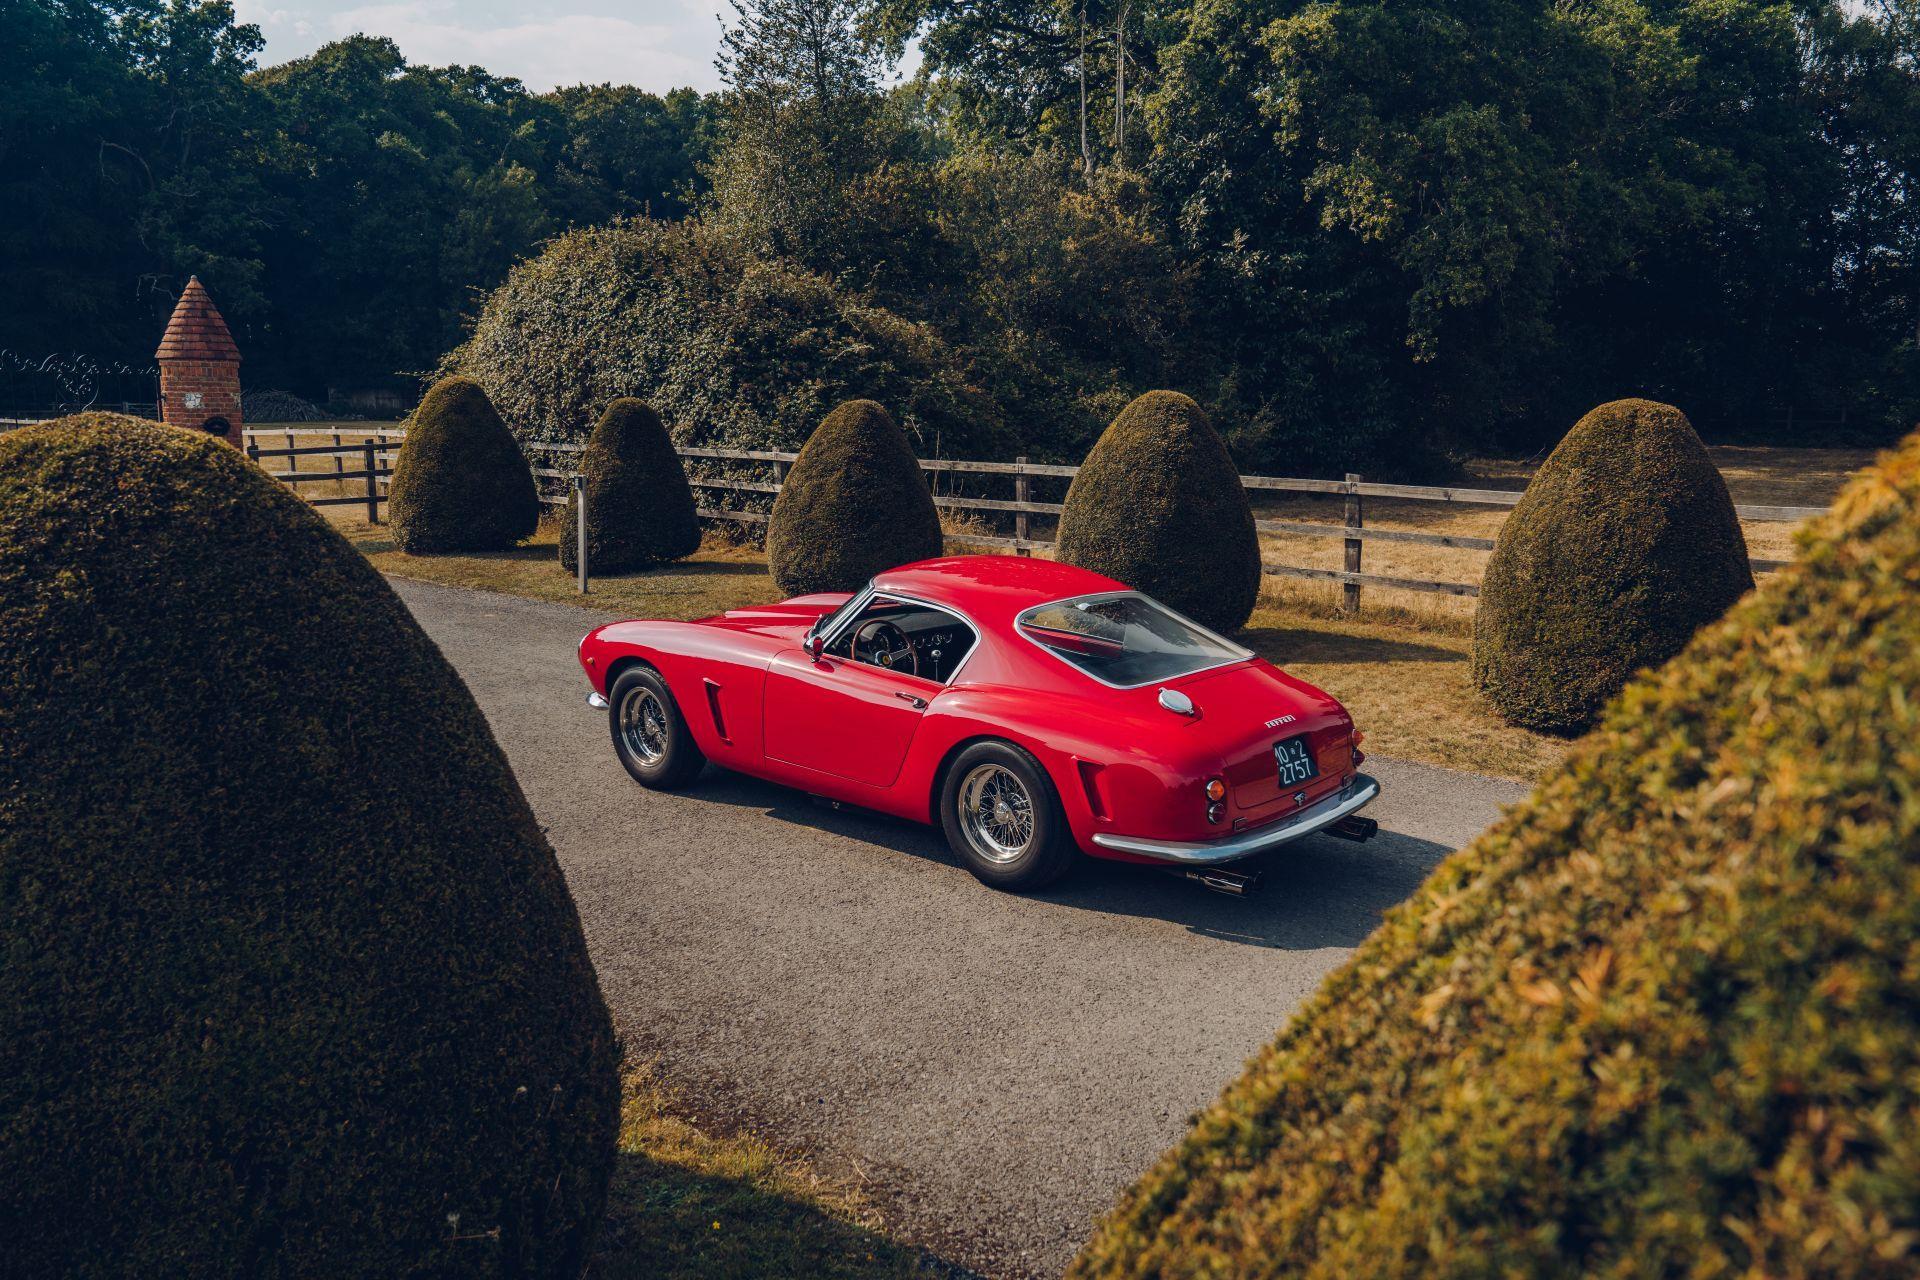 Ferrari-250-GT-SWB-Berlinetta-Competizione-Revival-by-GTO-Engineering-2